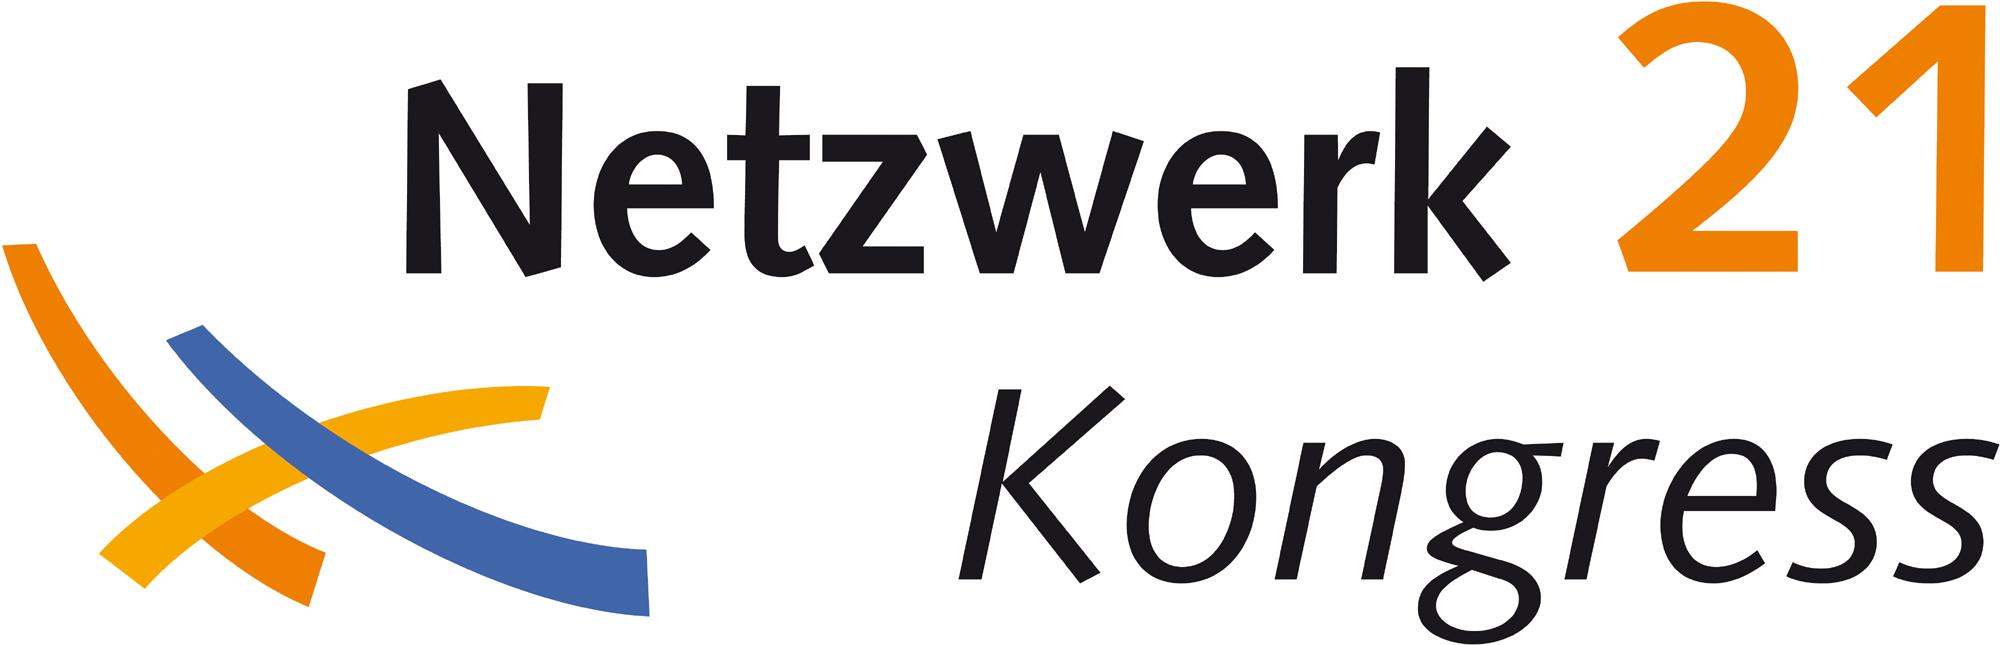 Netzwerkkongress21